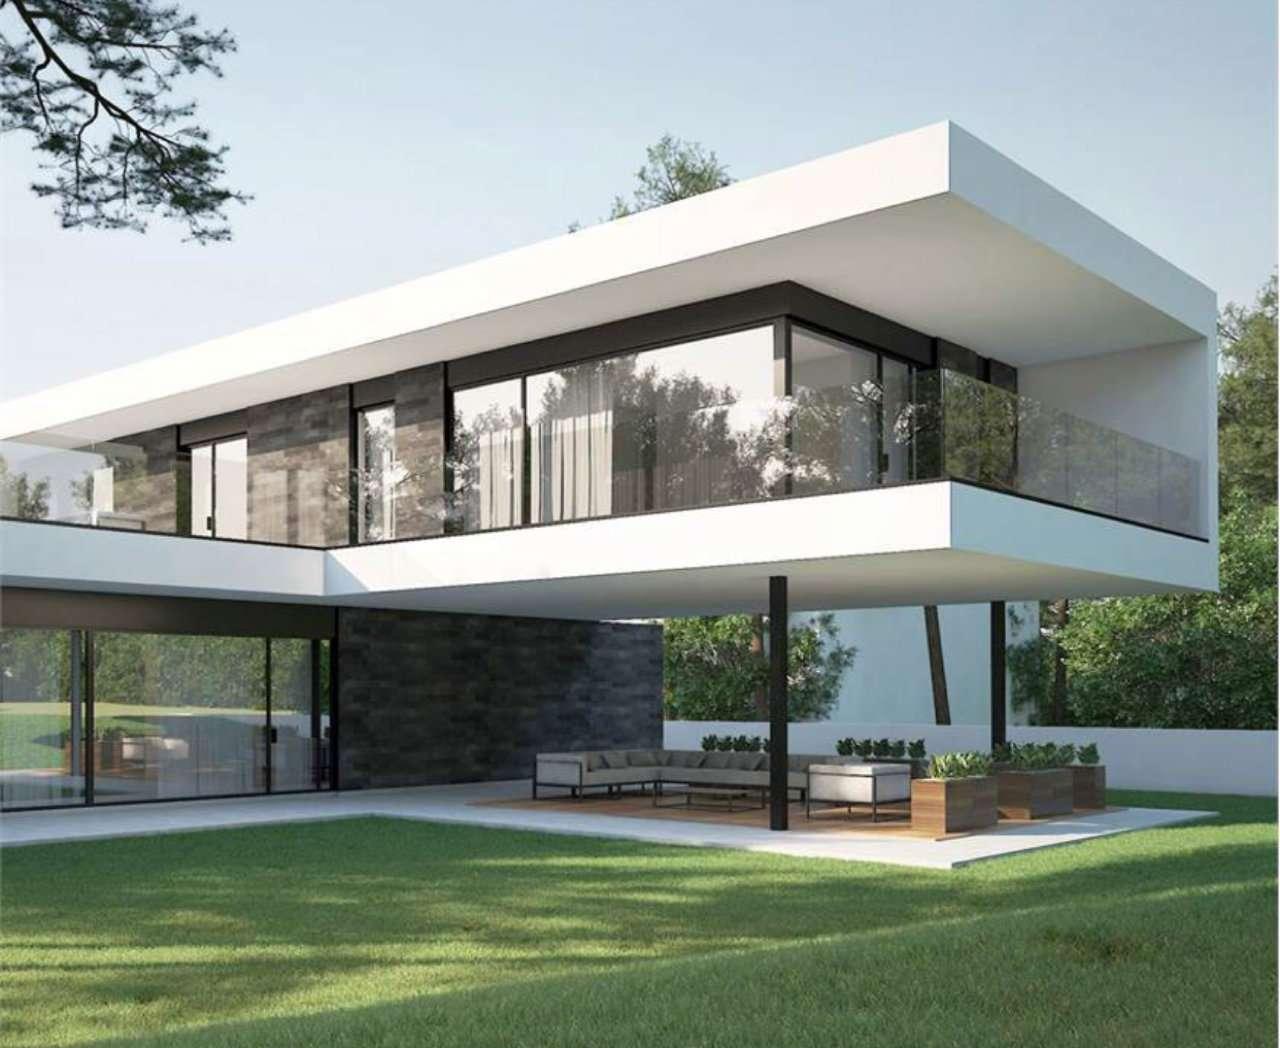 Terreno Edificabile Residenziale in vendita a Castellarano, 9999 locali, prezzo € 420.000 | CambioCasa.it